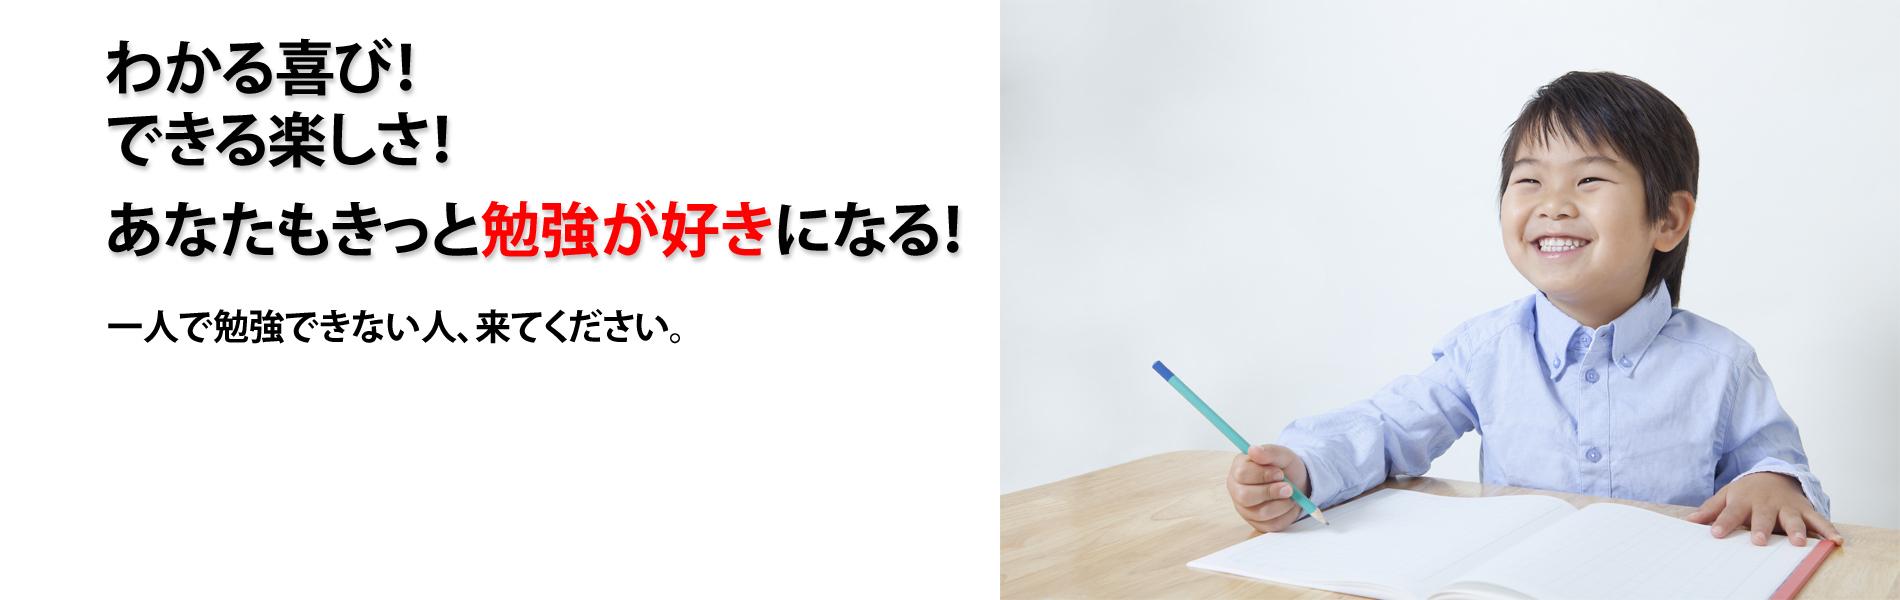 わかる喜び!できる楽しさ!あなたもきっと勉強が好きになる!